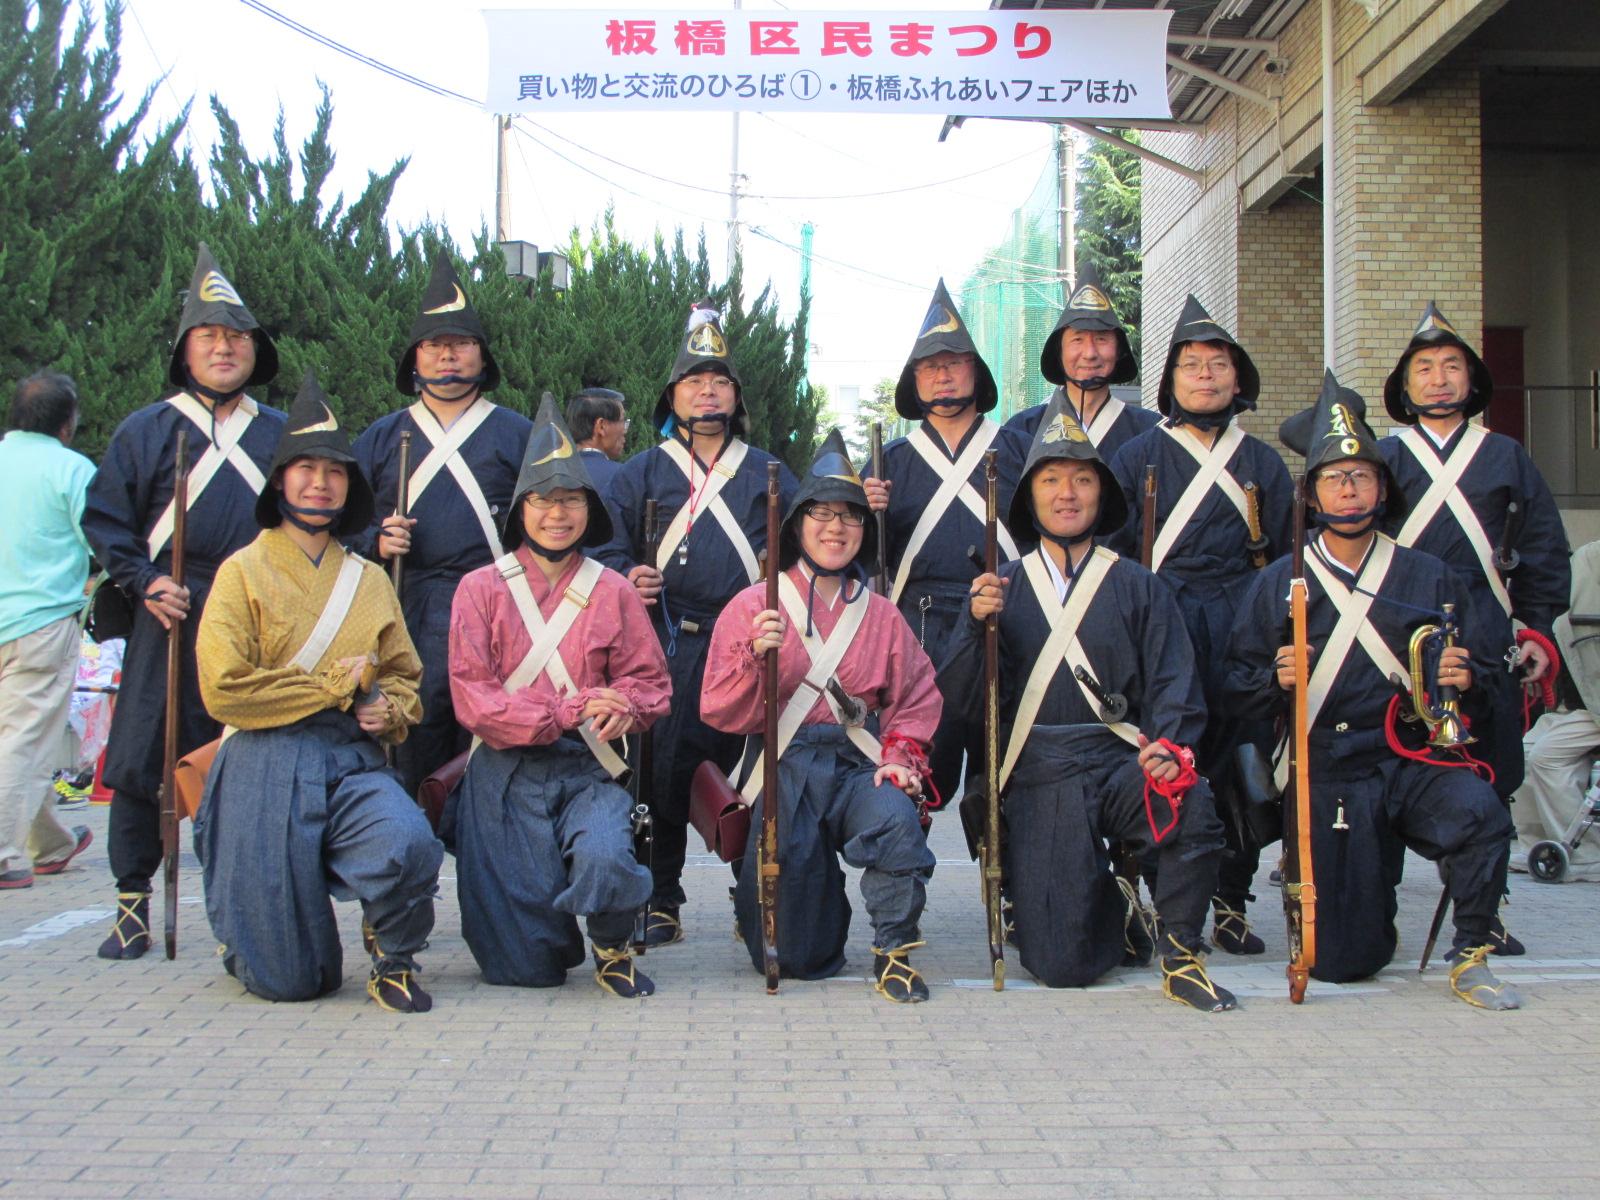 2015板橋区民まつり